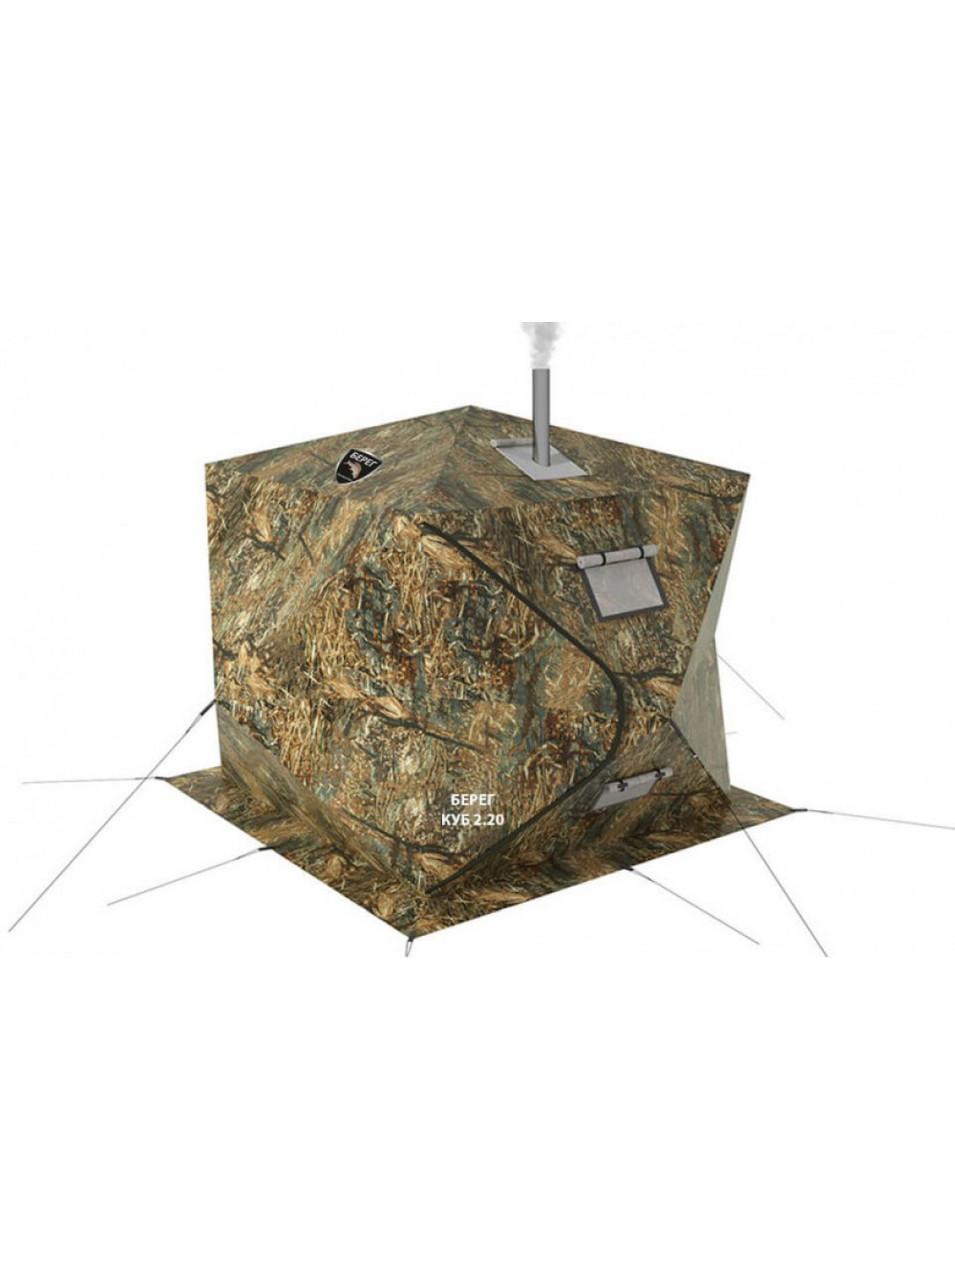 Палатка всесезонная Берег КУБ 2.20 двухслойная, непромокаемый пол из ПВХ размер 2,2 х 2,2 х 1,9 м. - фото 1